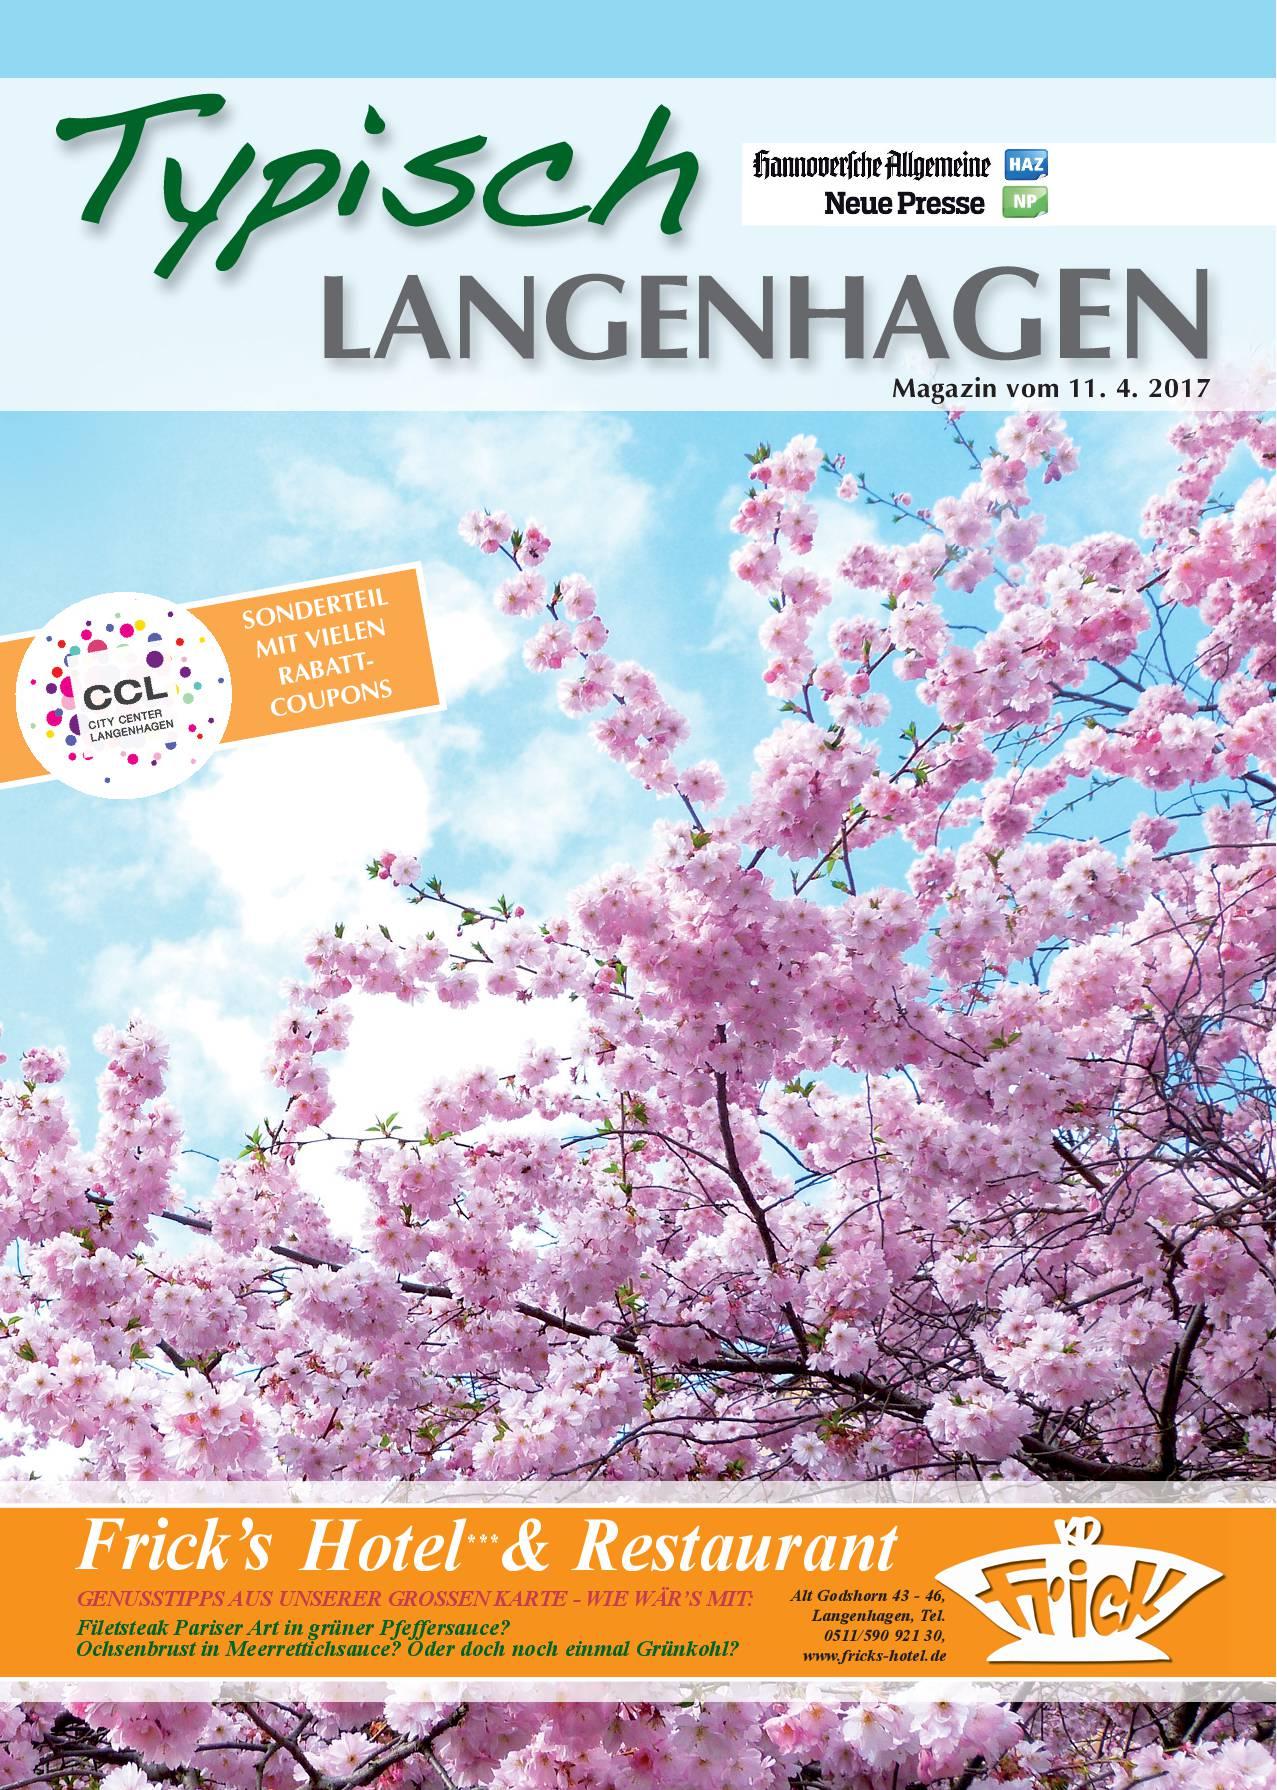 langenhagen-nr-7-vom-11-04-2017